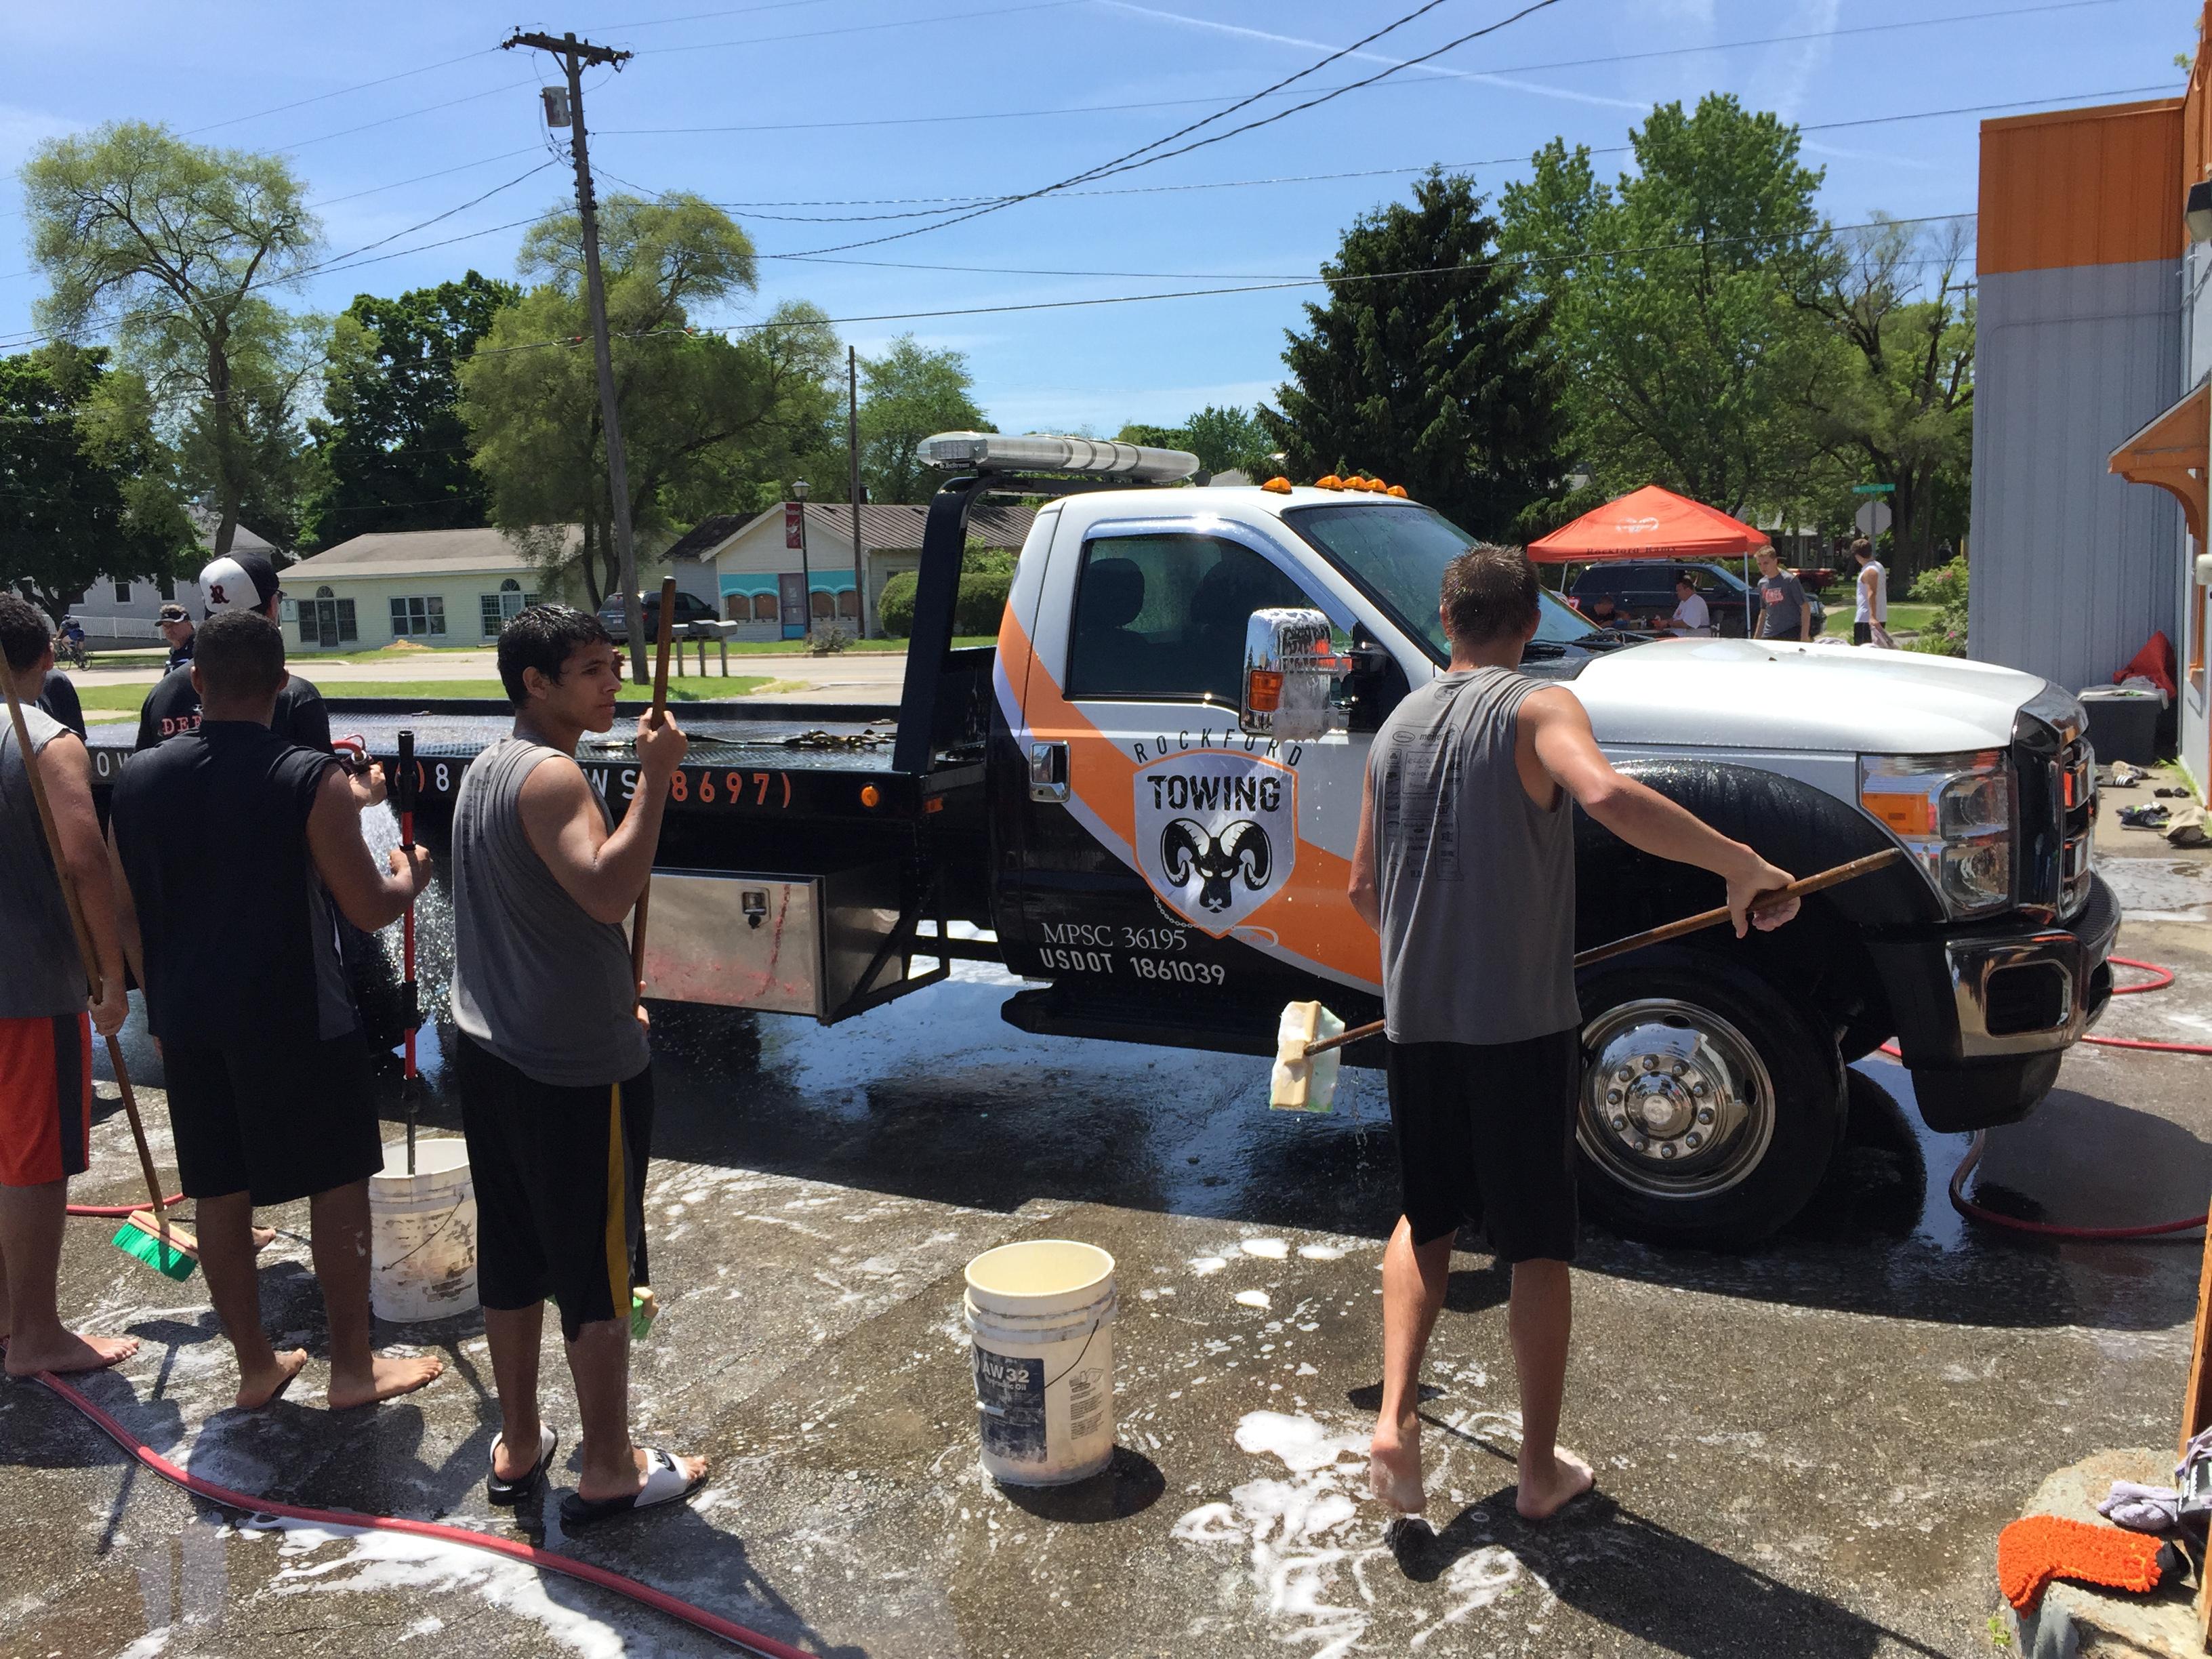 CARSTAR of Rockford: Community Car Wash